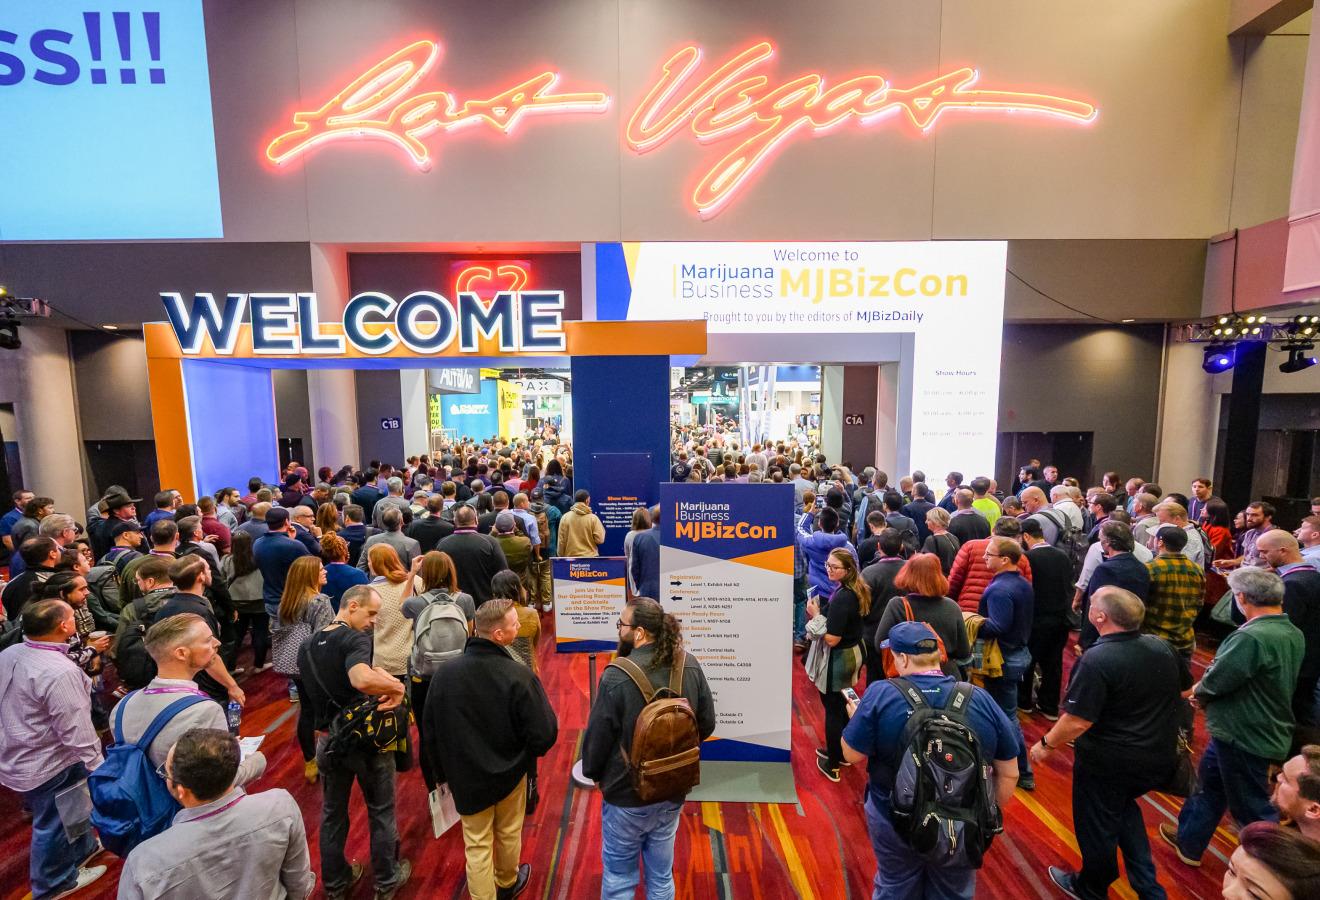 MJBiz Con 2021 (Las Vegas, NV)